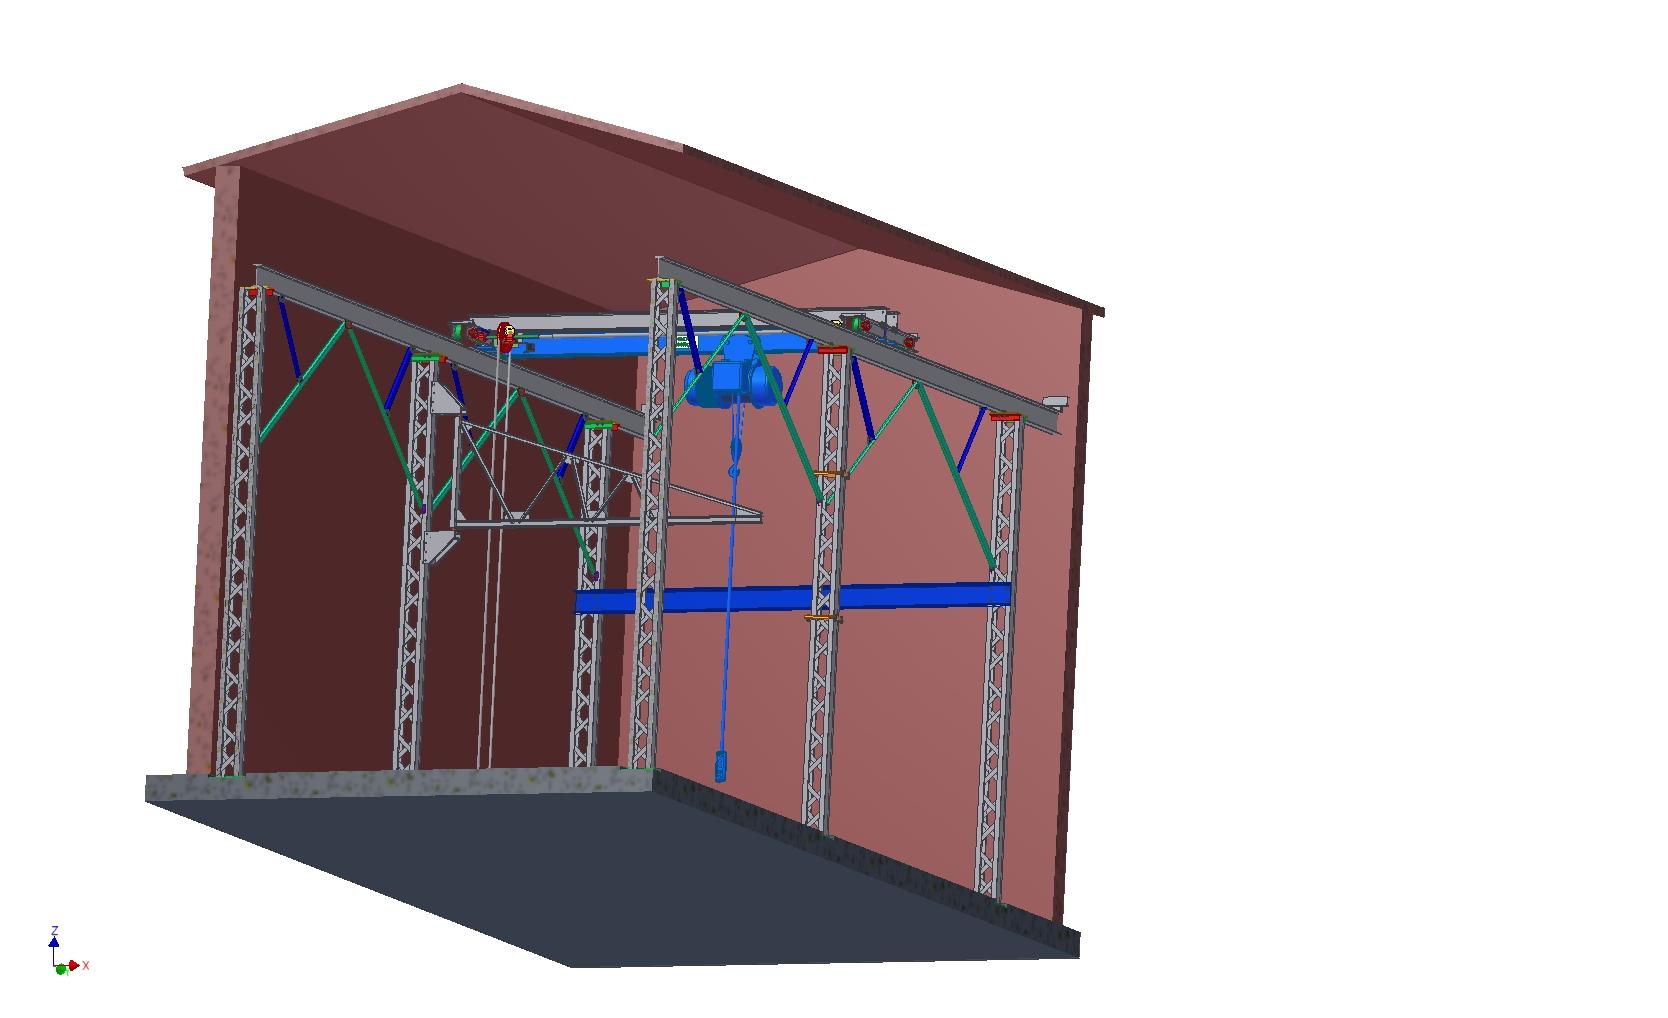 Technická dokumentace a návrhy jeřábových konstrukcí